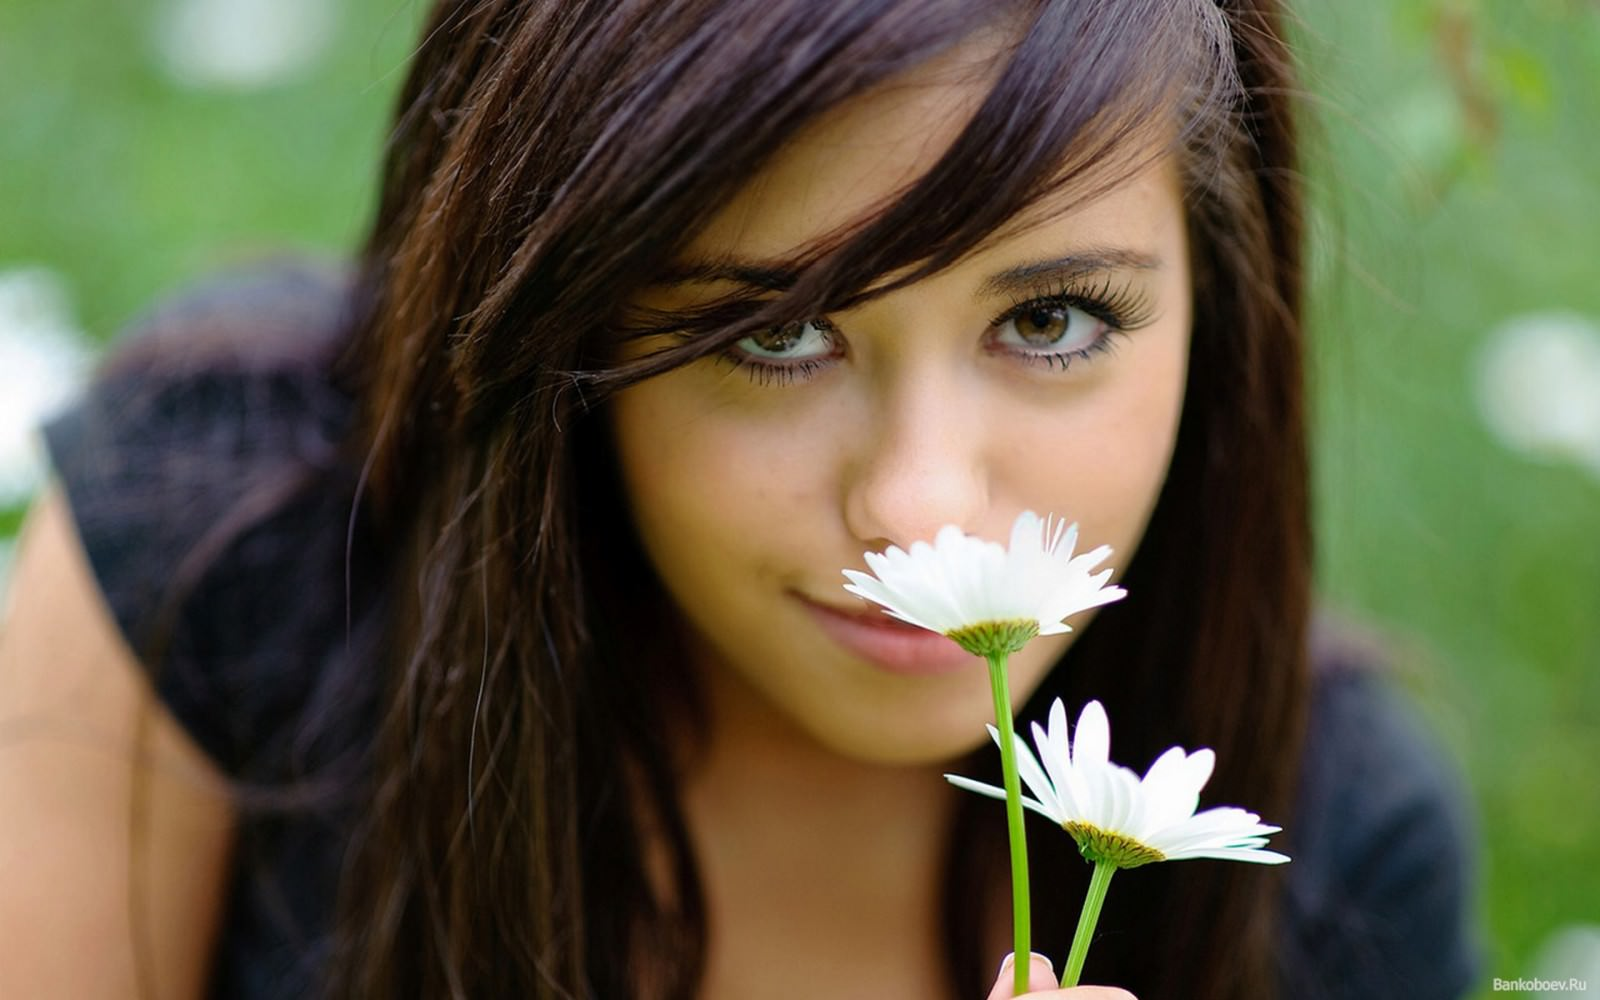 девушка богатого мужчины, какая она, милая, красивая девушка